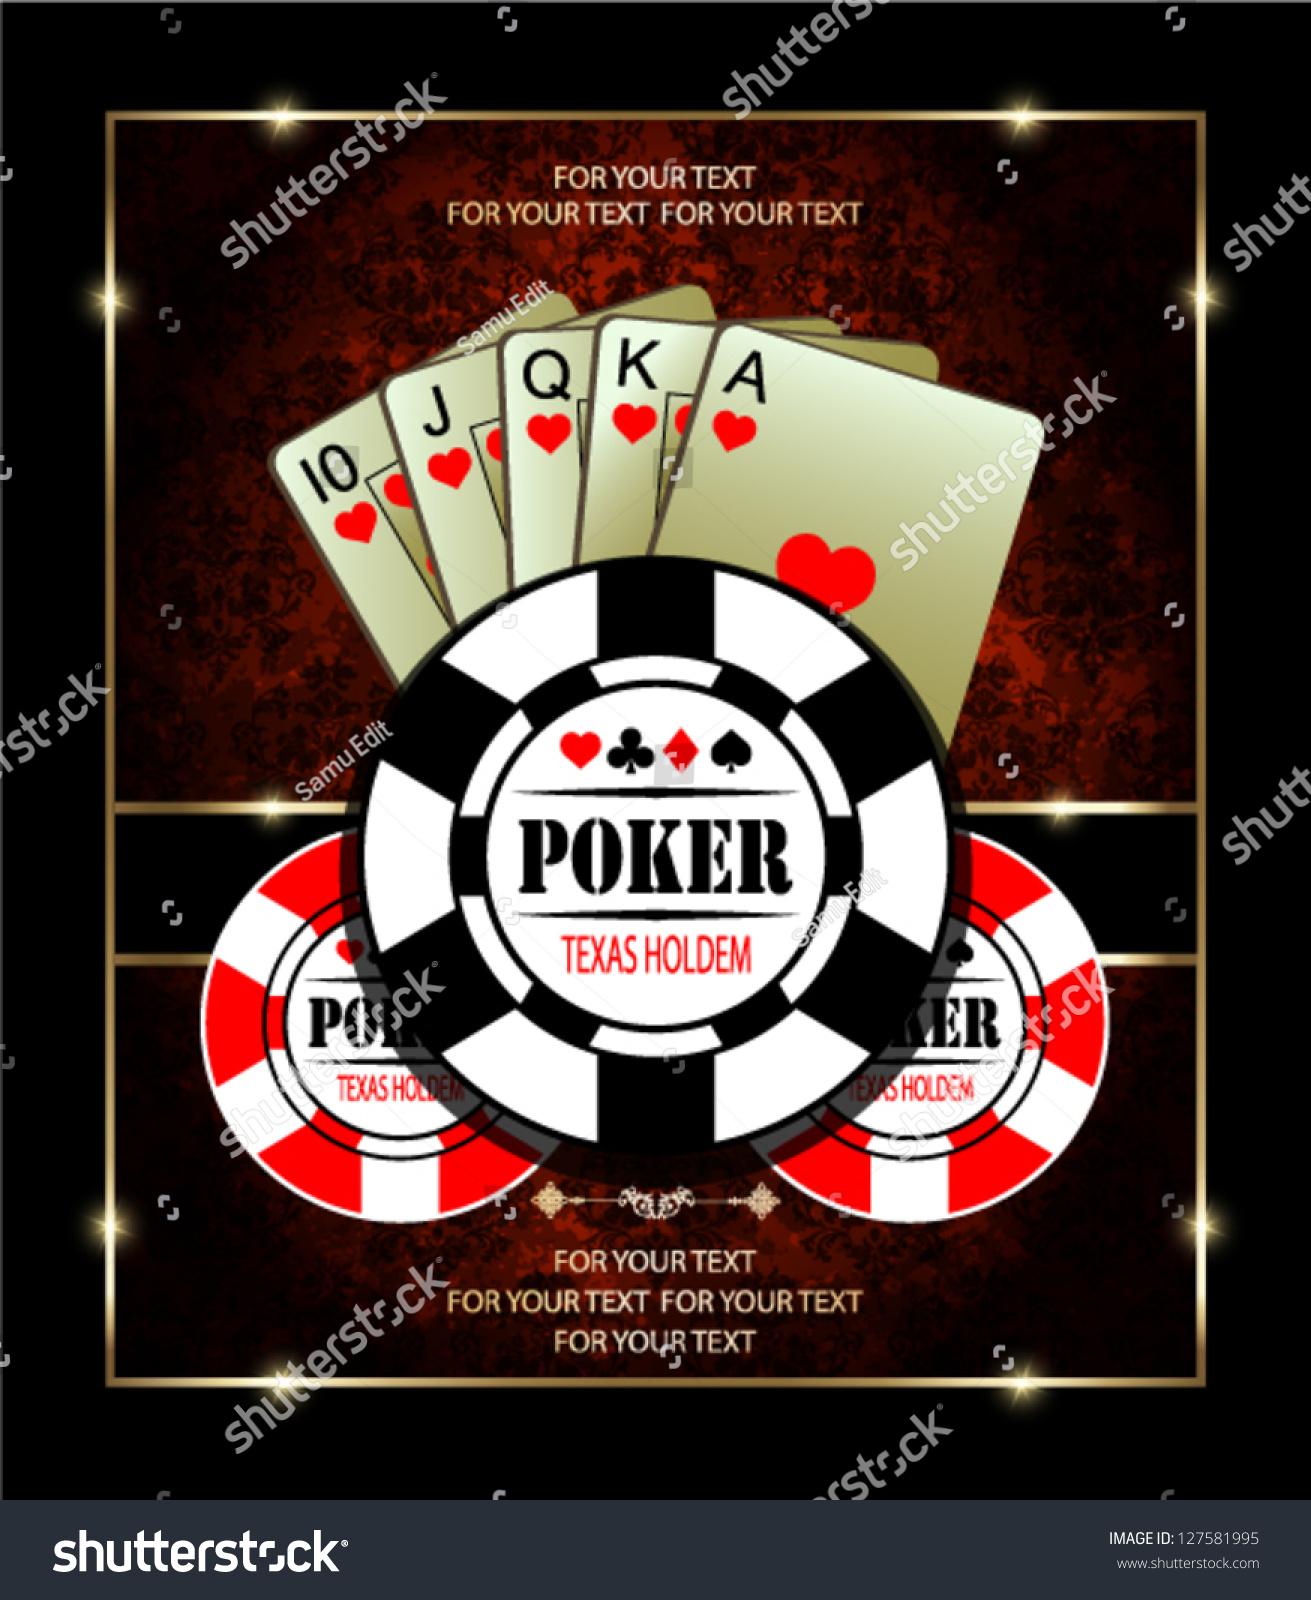 Odds of a royal flush in poker